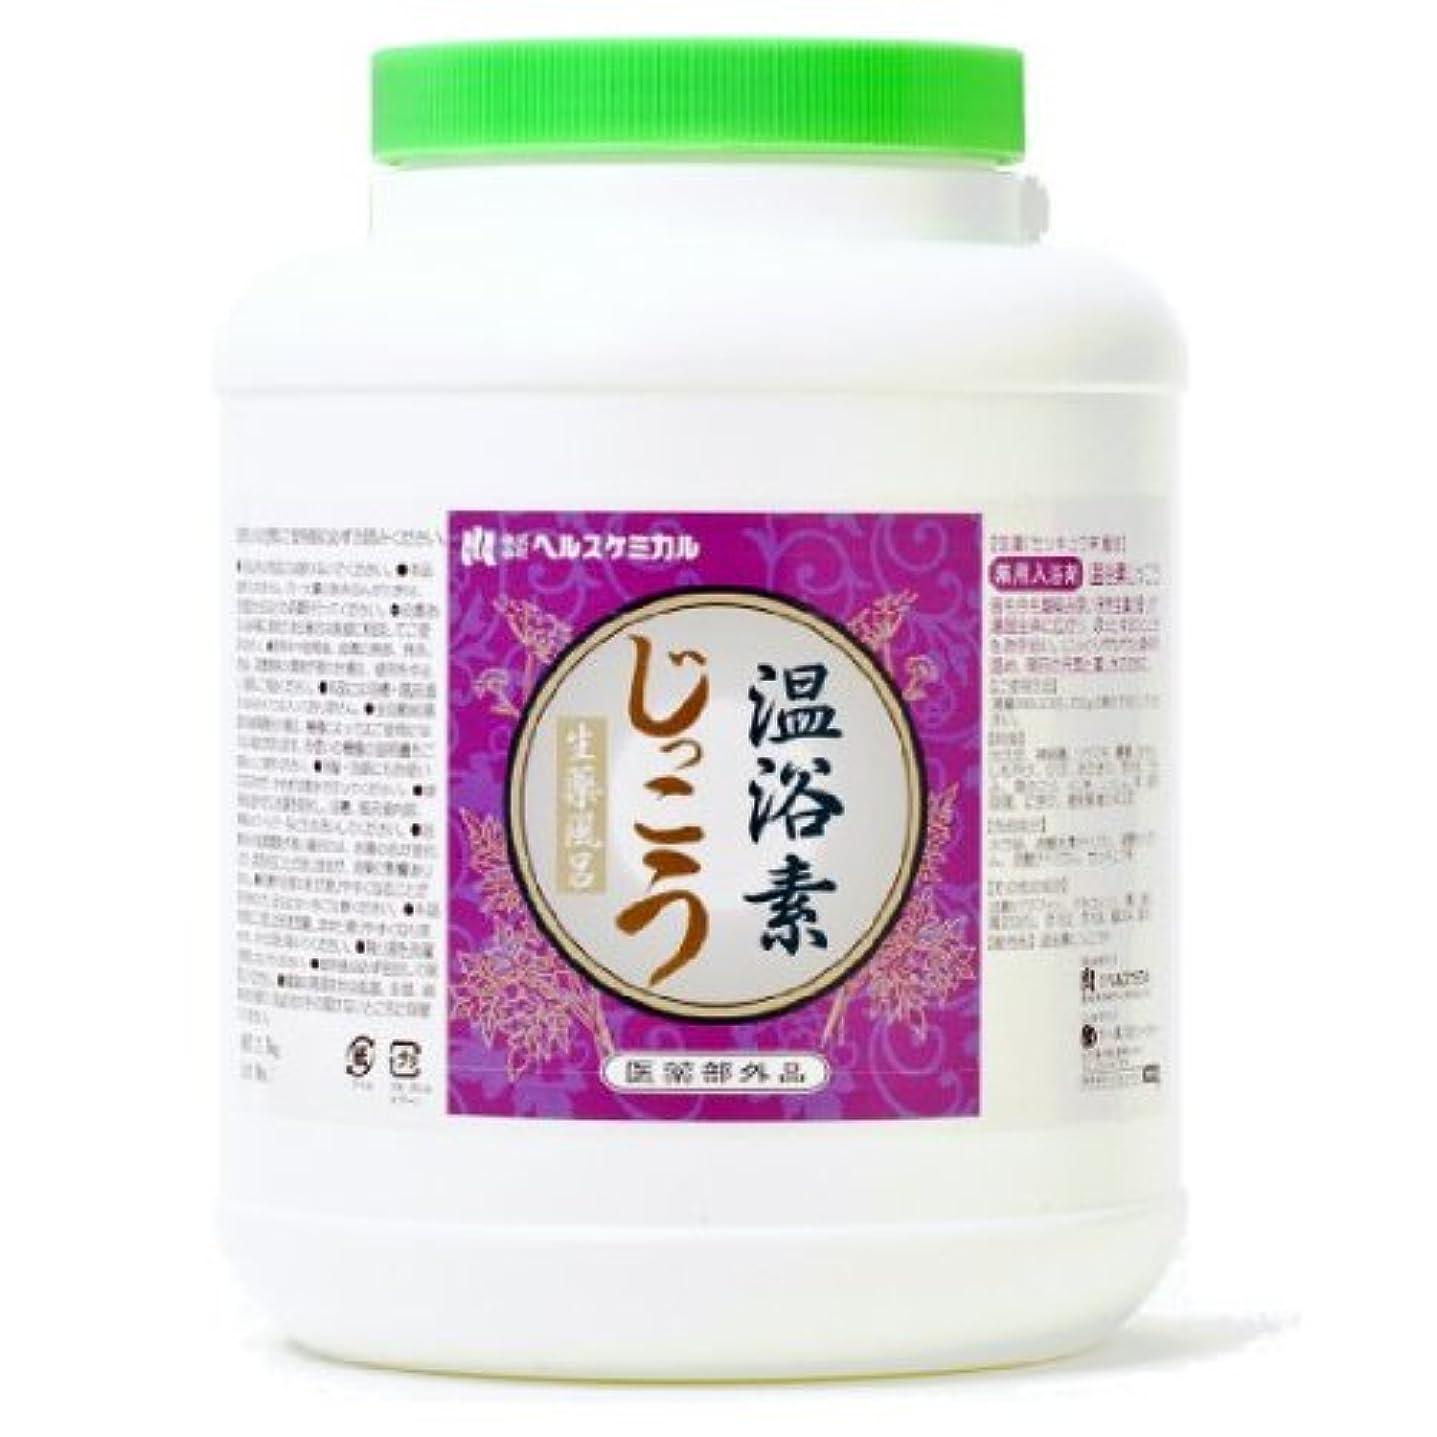 クリック登録する胃温浴素 じっこう 2.5kg 約125回分 粉末 生薬 薬湯 医薬部外品 ロングセラー 天然生薬 の 香り